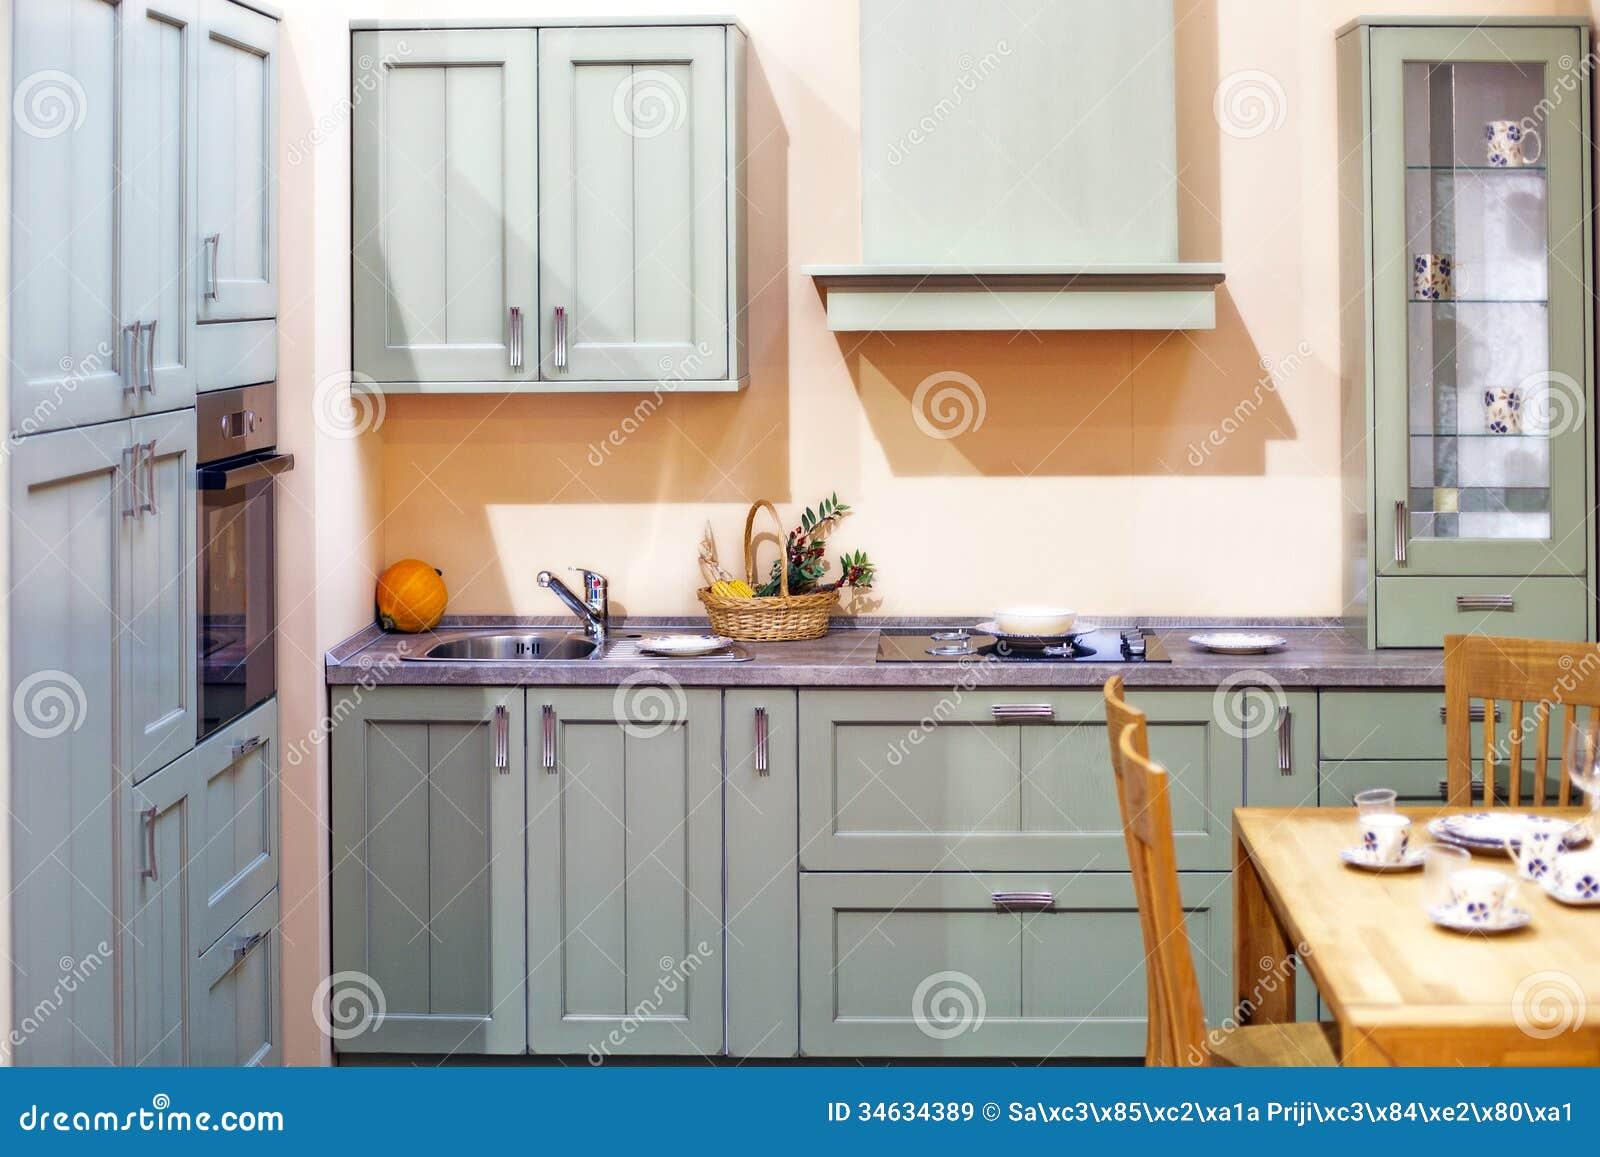 Dettaglio Interno Della Cucina Di Classe Immagine Stock - Immagine ...